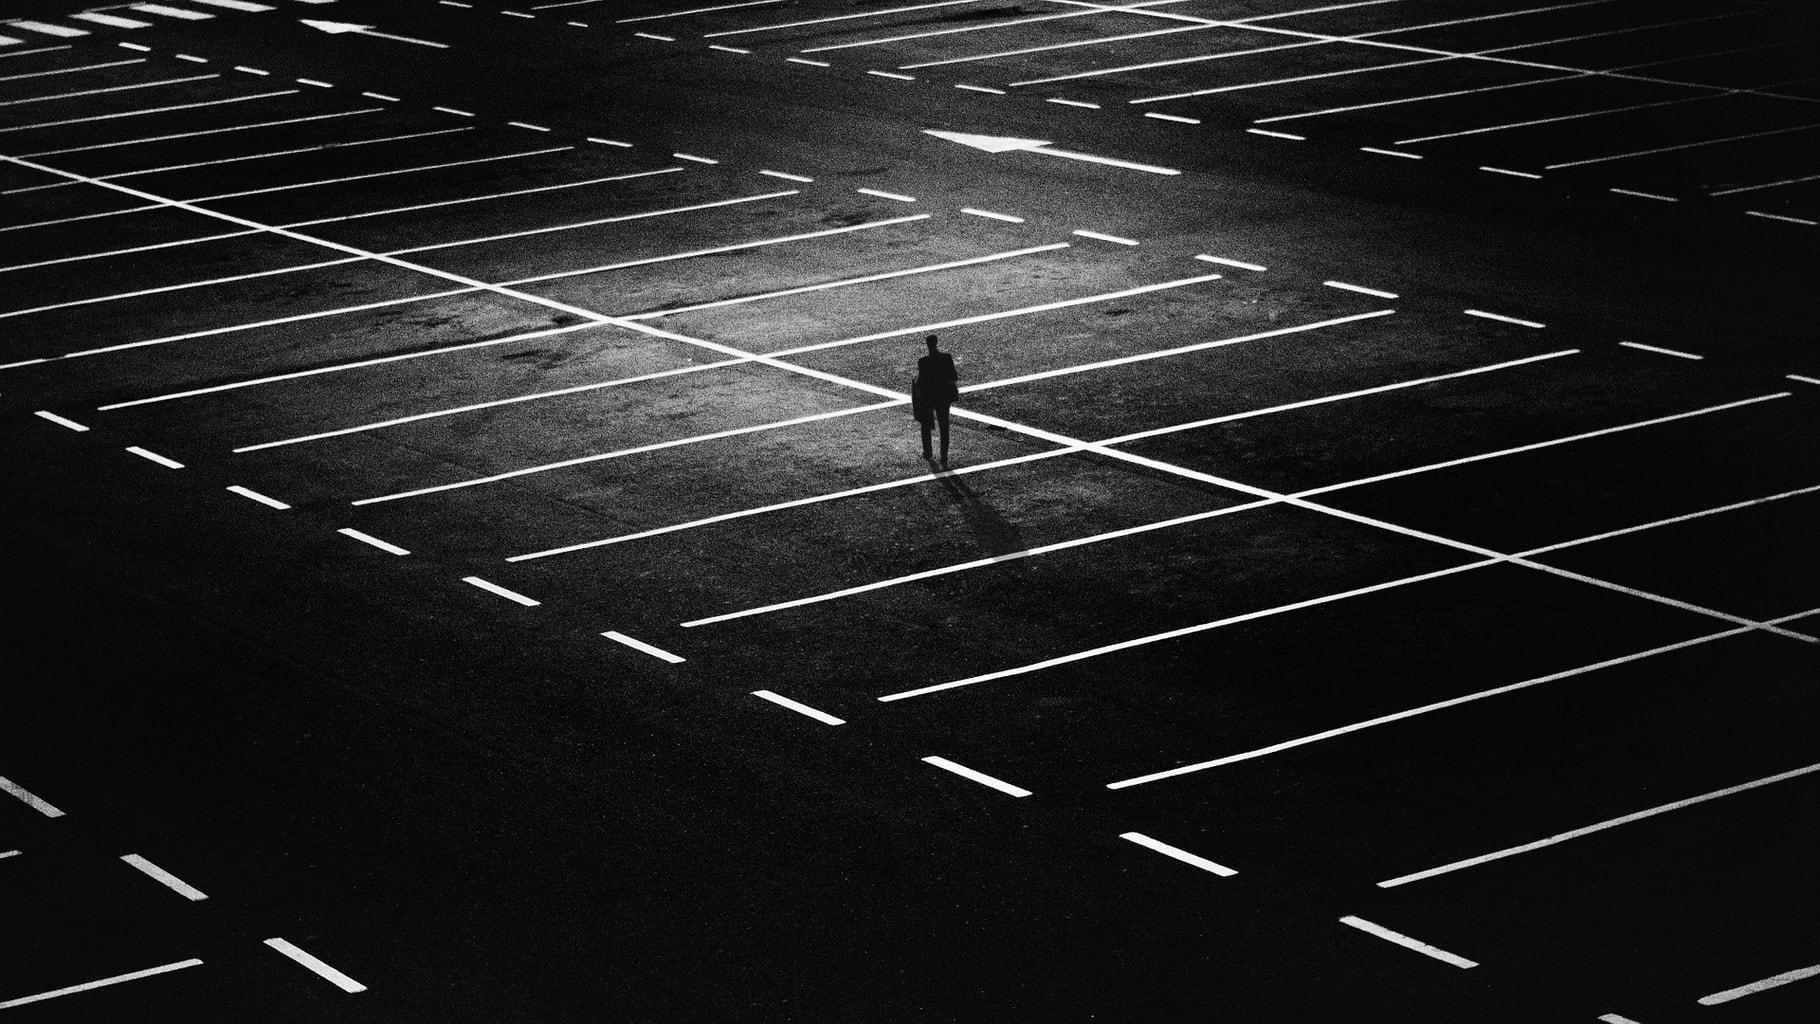 fotografía de un hombre solitario en blanco y negro